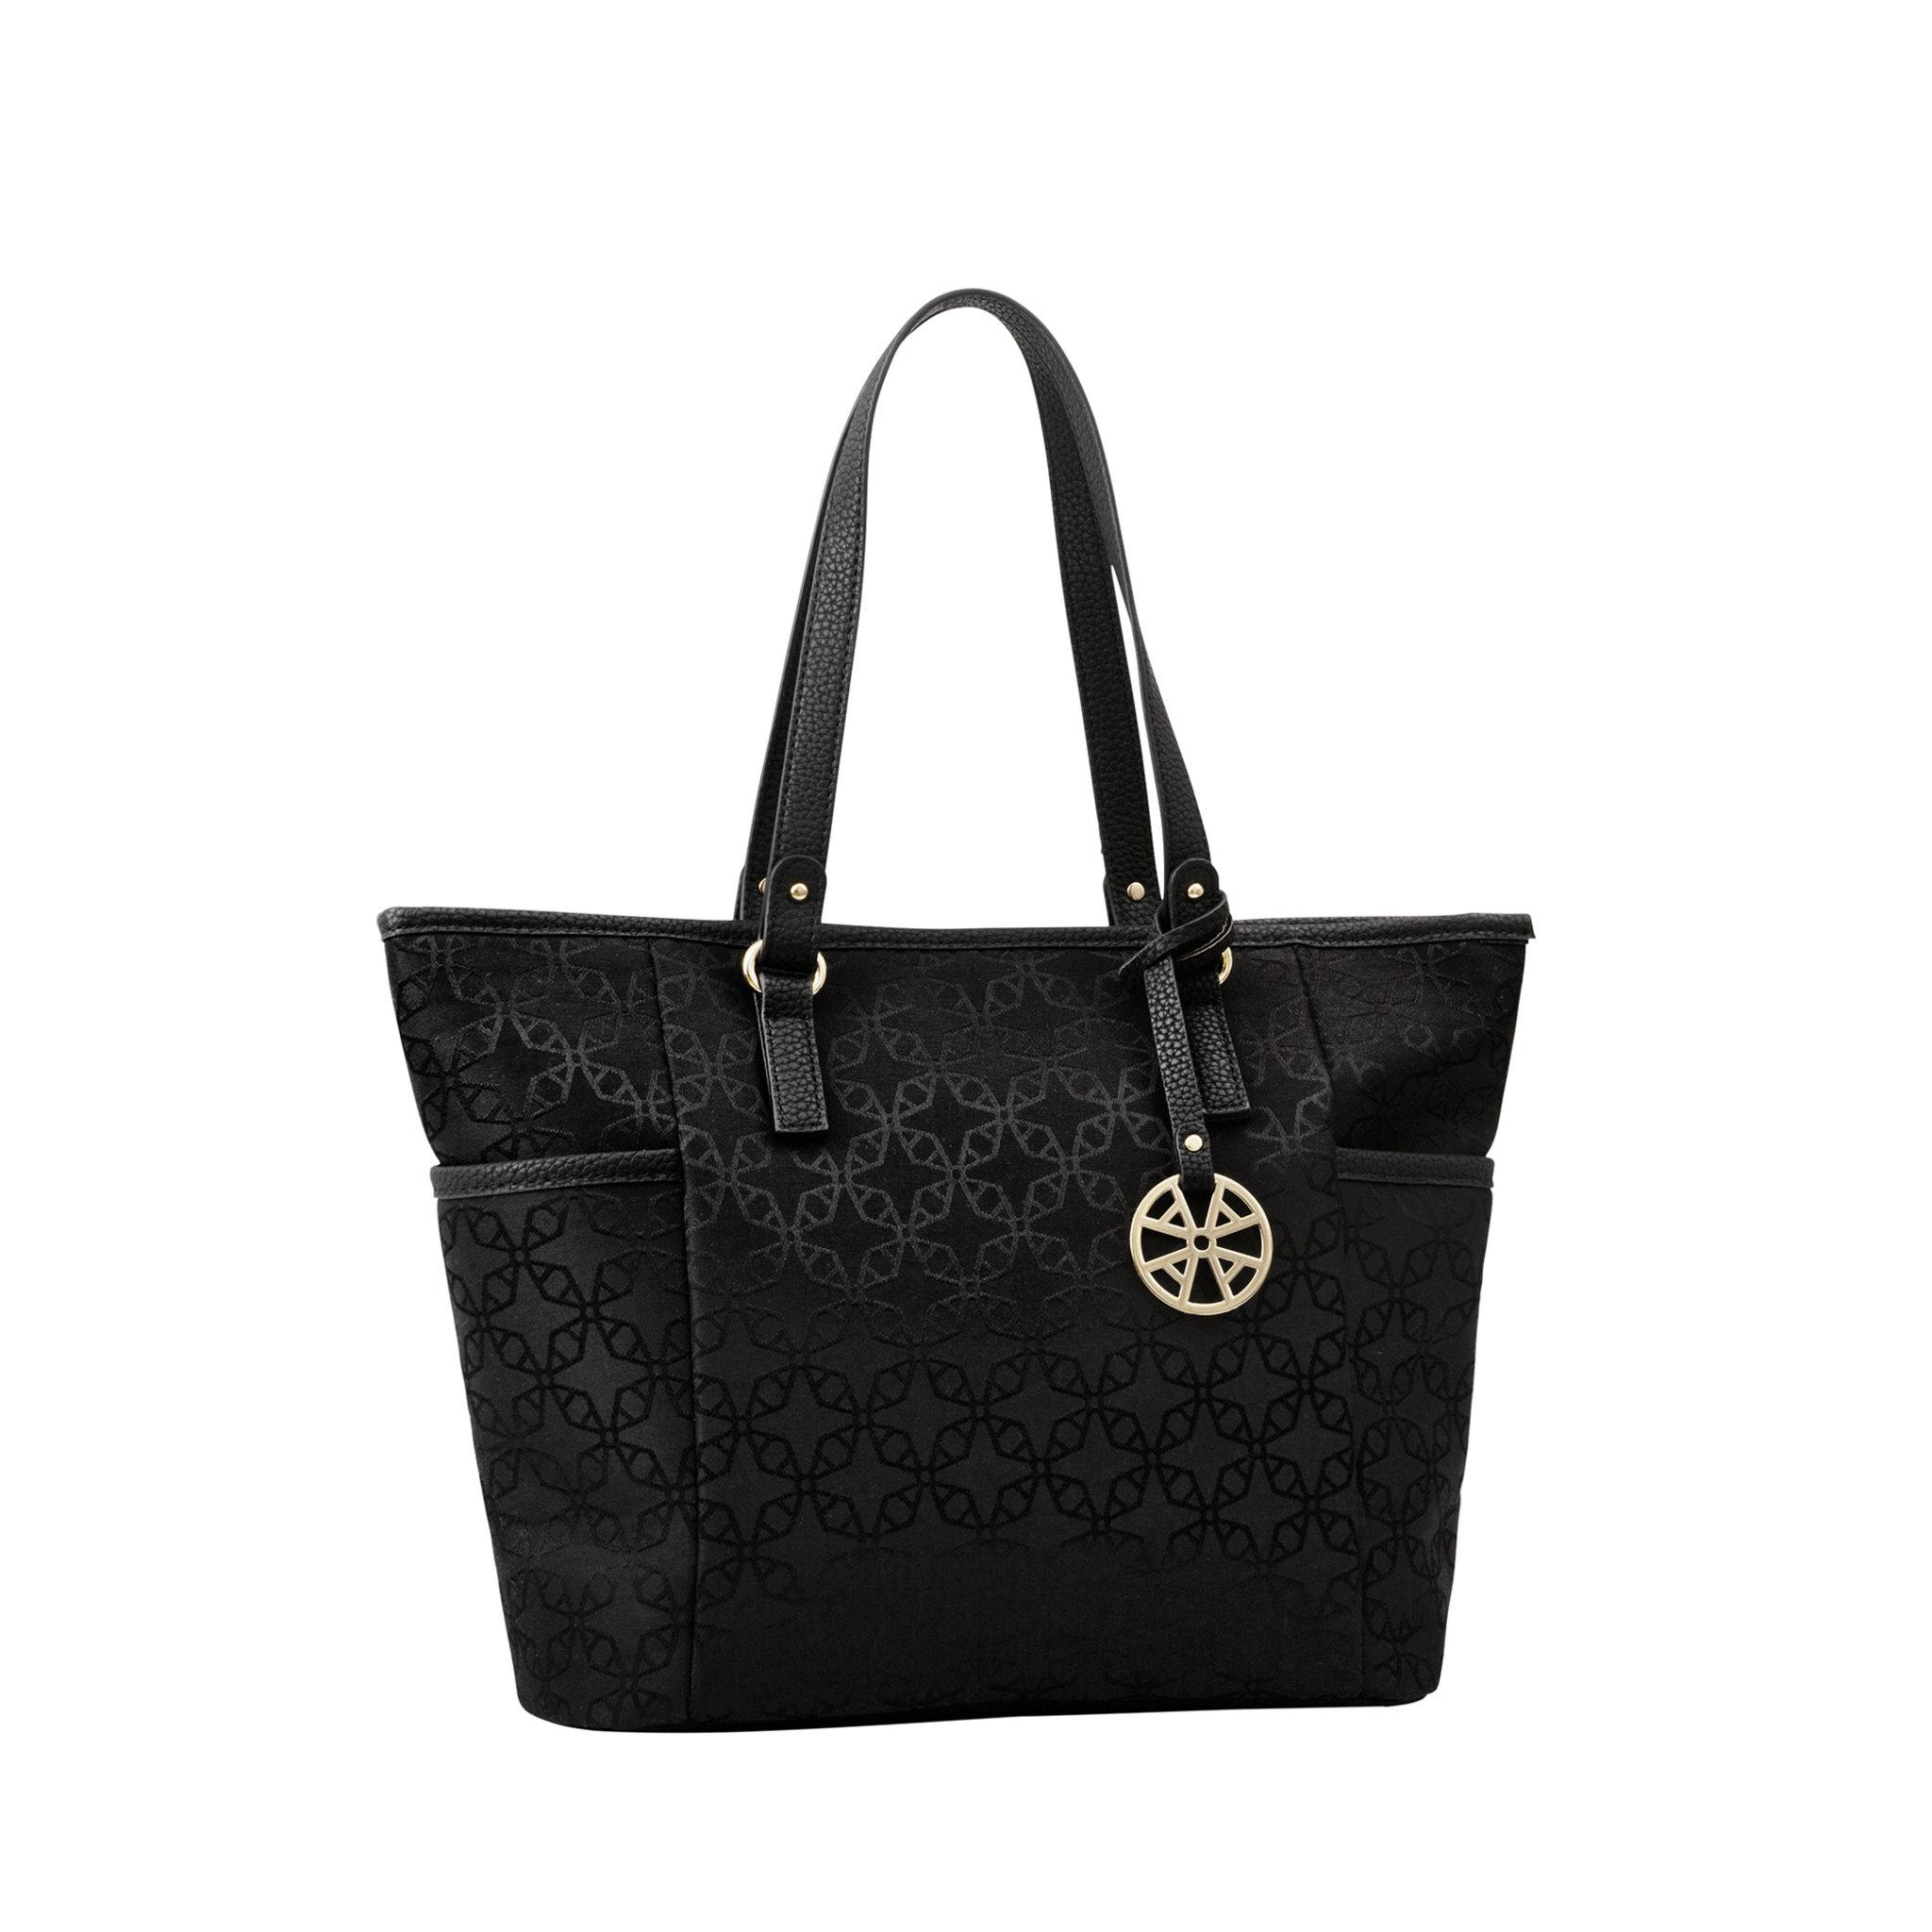 Väska - Handväskor - Köp online på åhlens.se! 372ce15a1aaa3